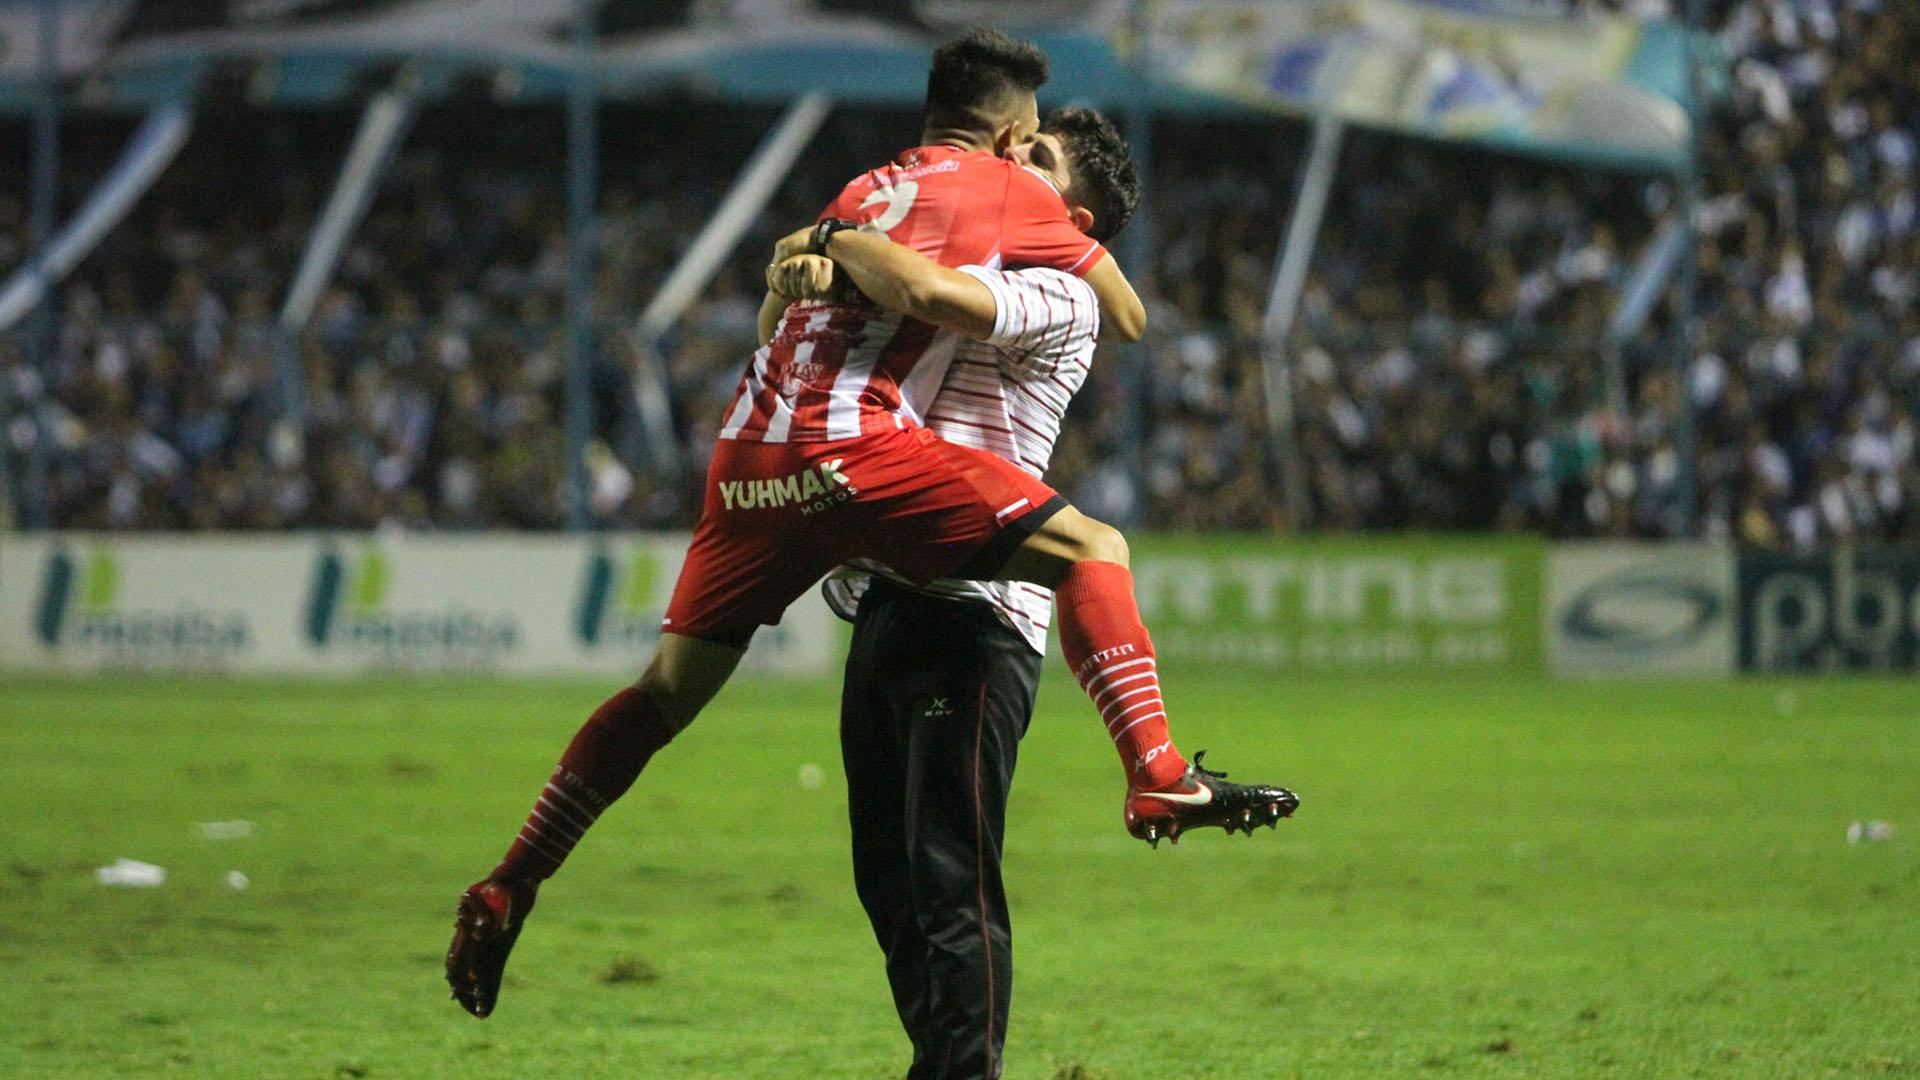 Martínez y Graf se funden en un abrazo interminable (Nicolás Nuñez)